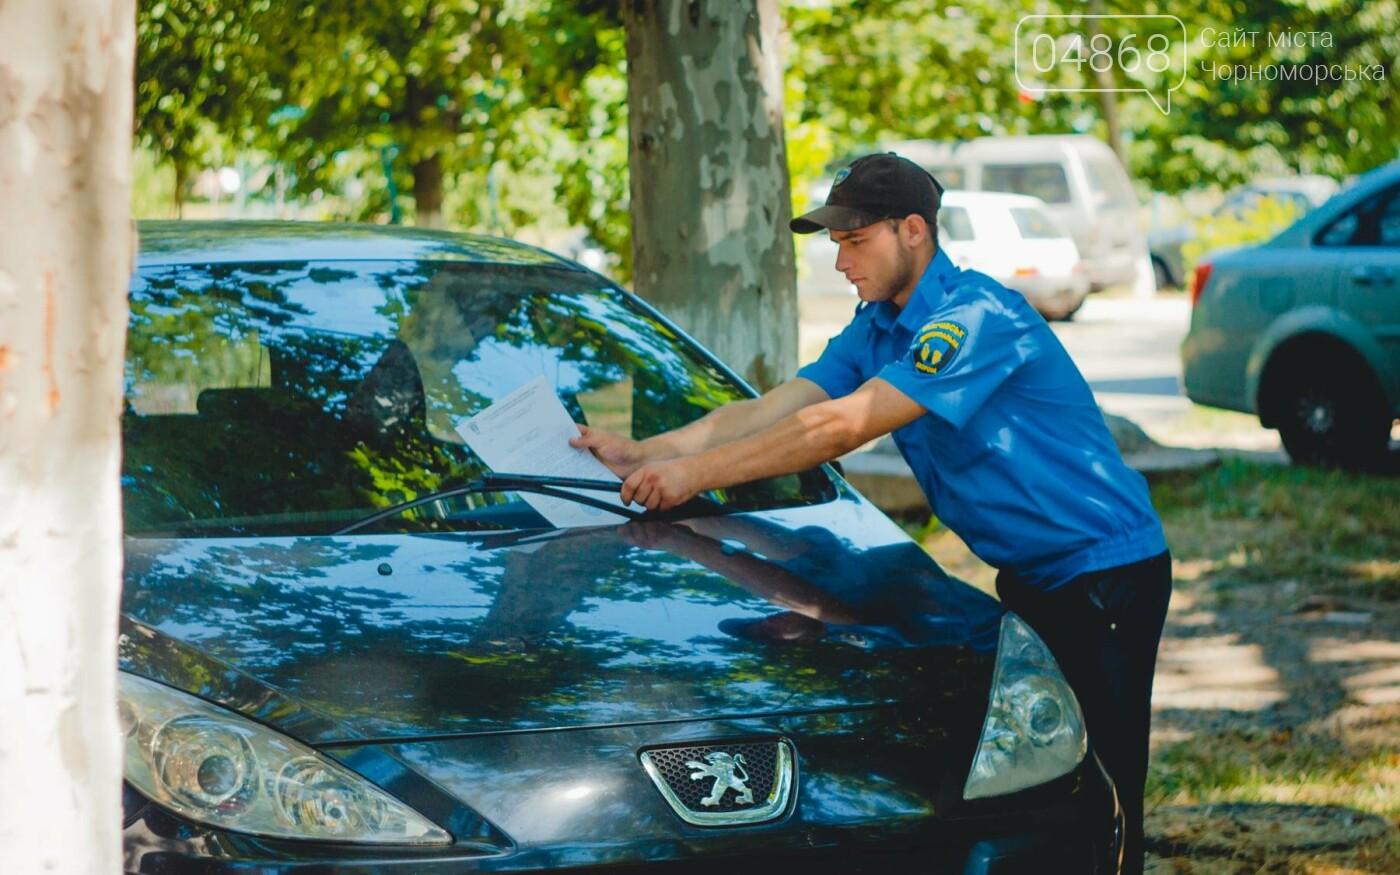 Протоколы, конопля и парковка на газоне: будни «Муниципальной охраны», фото-9